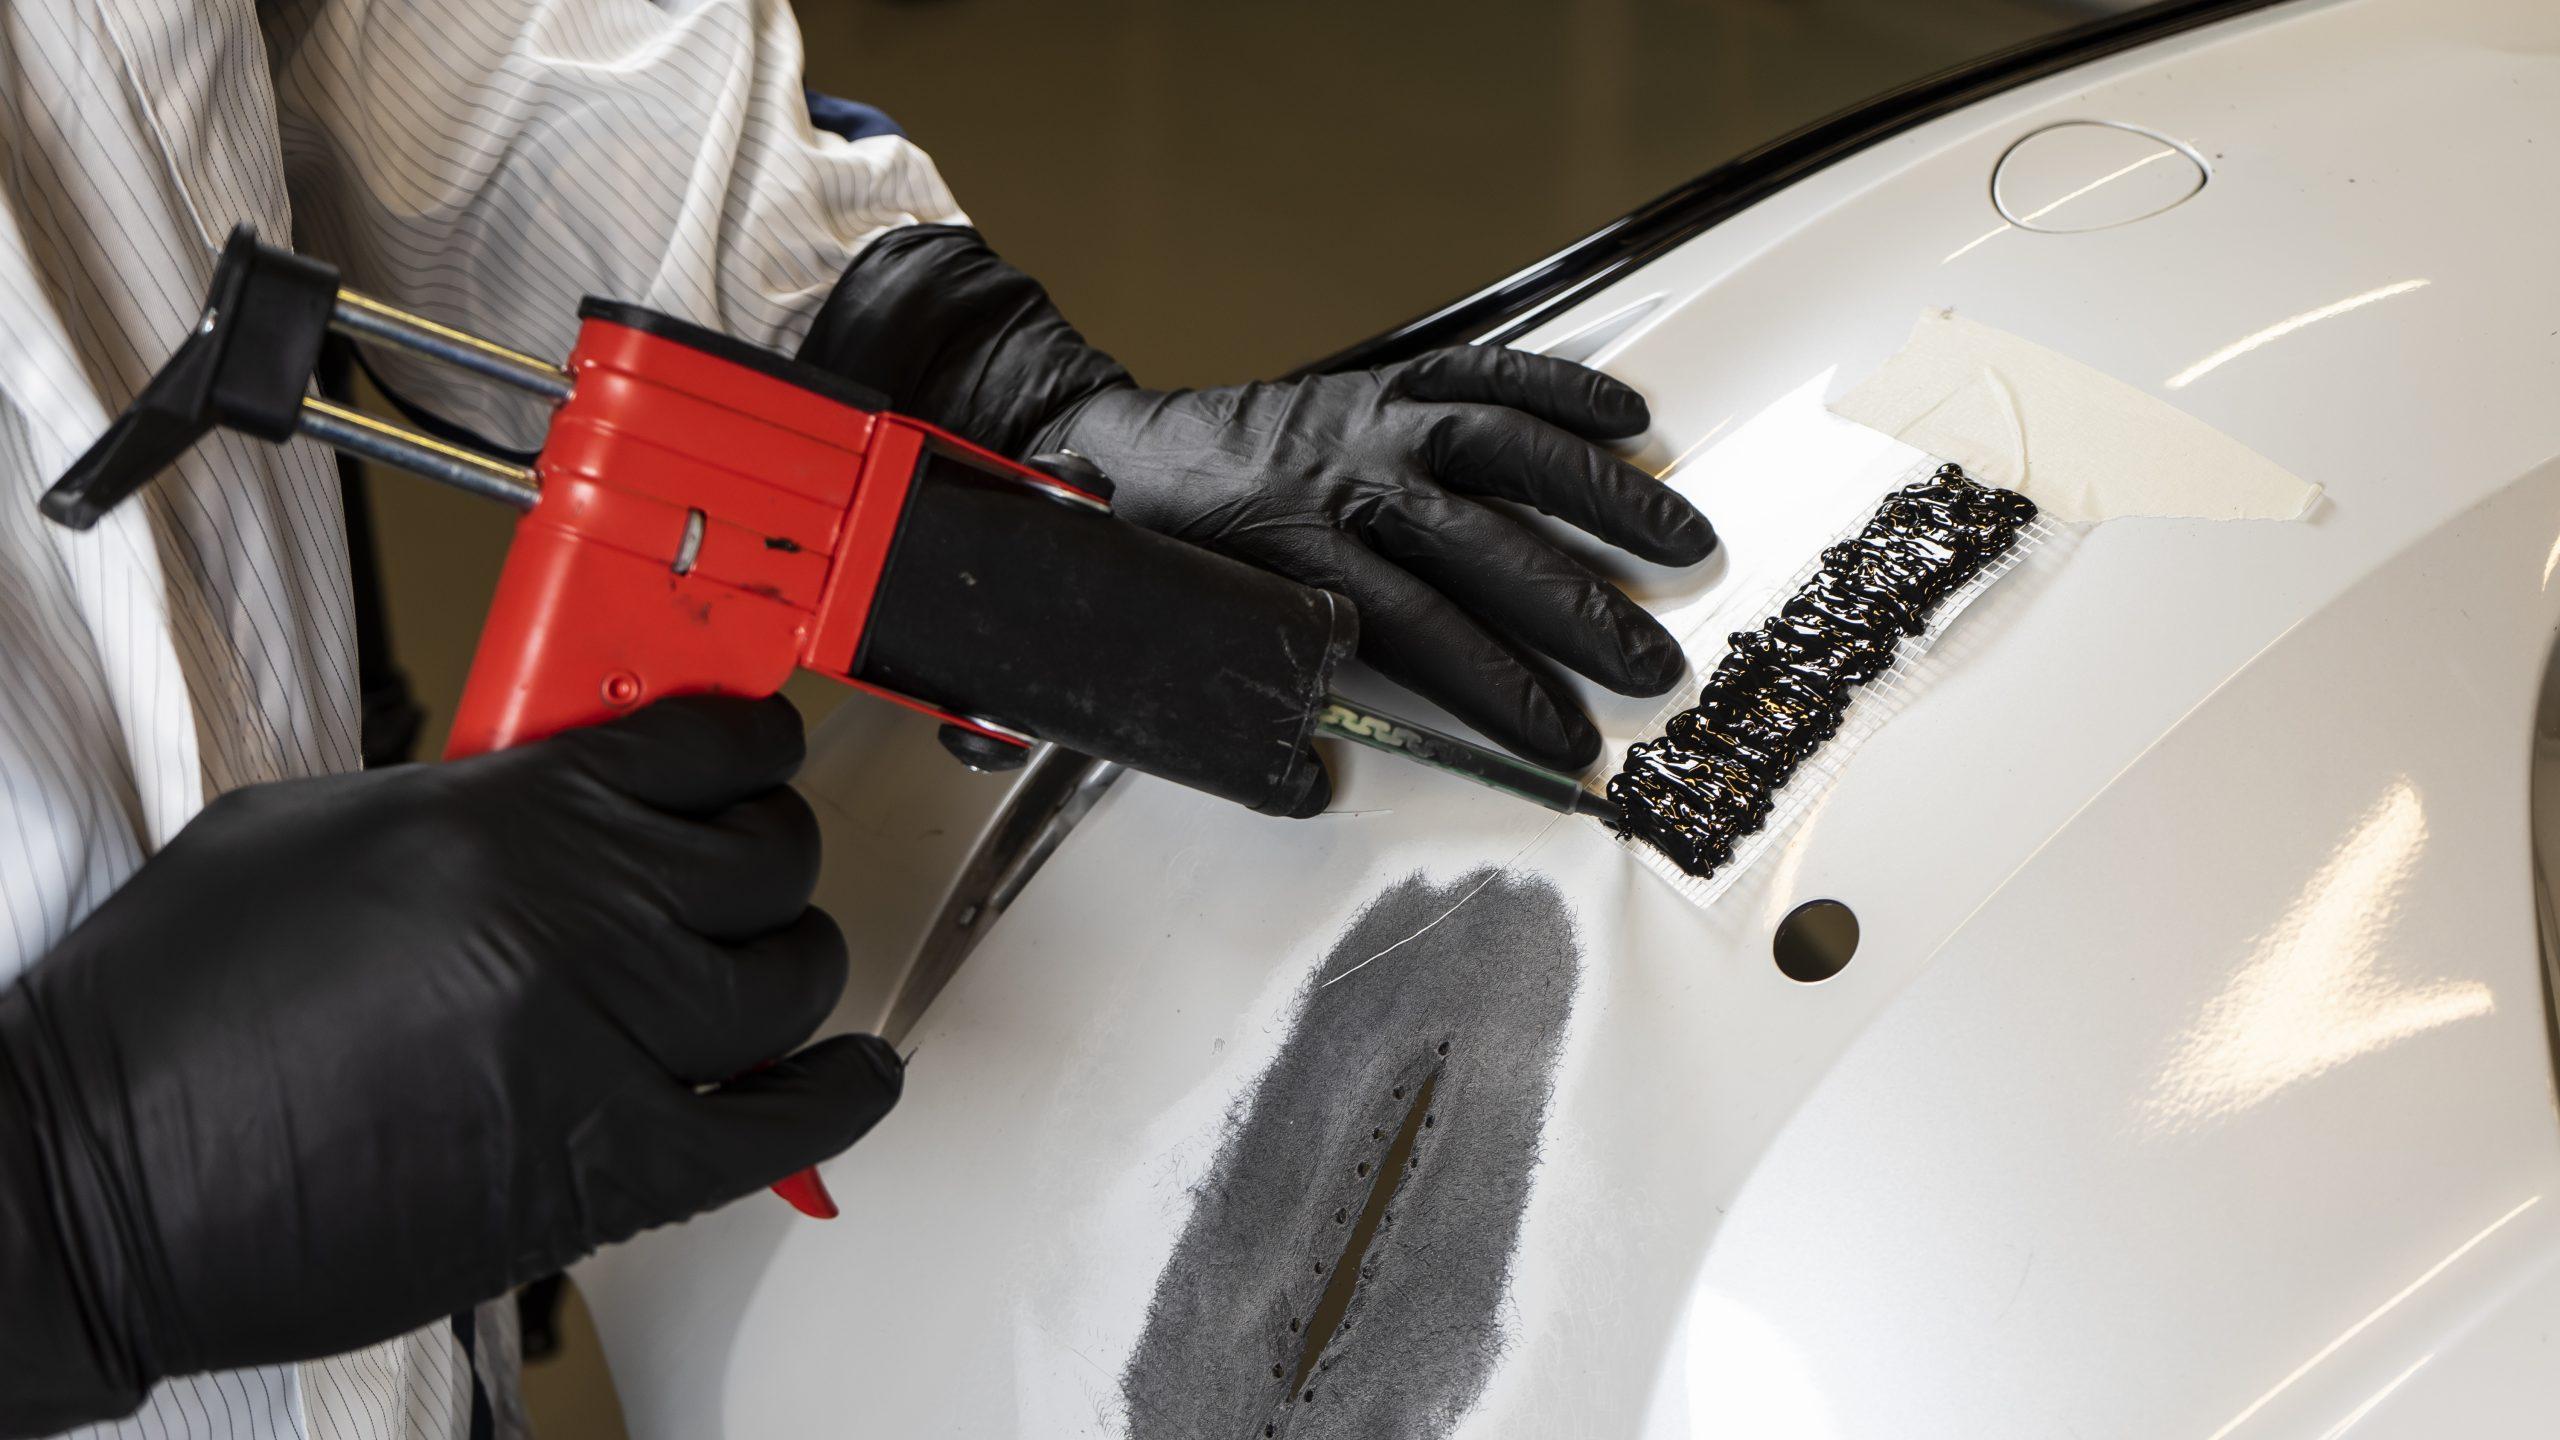 Applicator gun for Plastic Repair